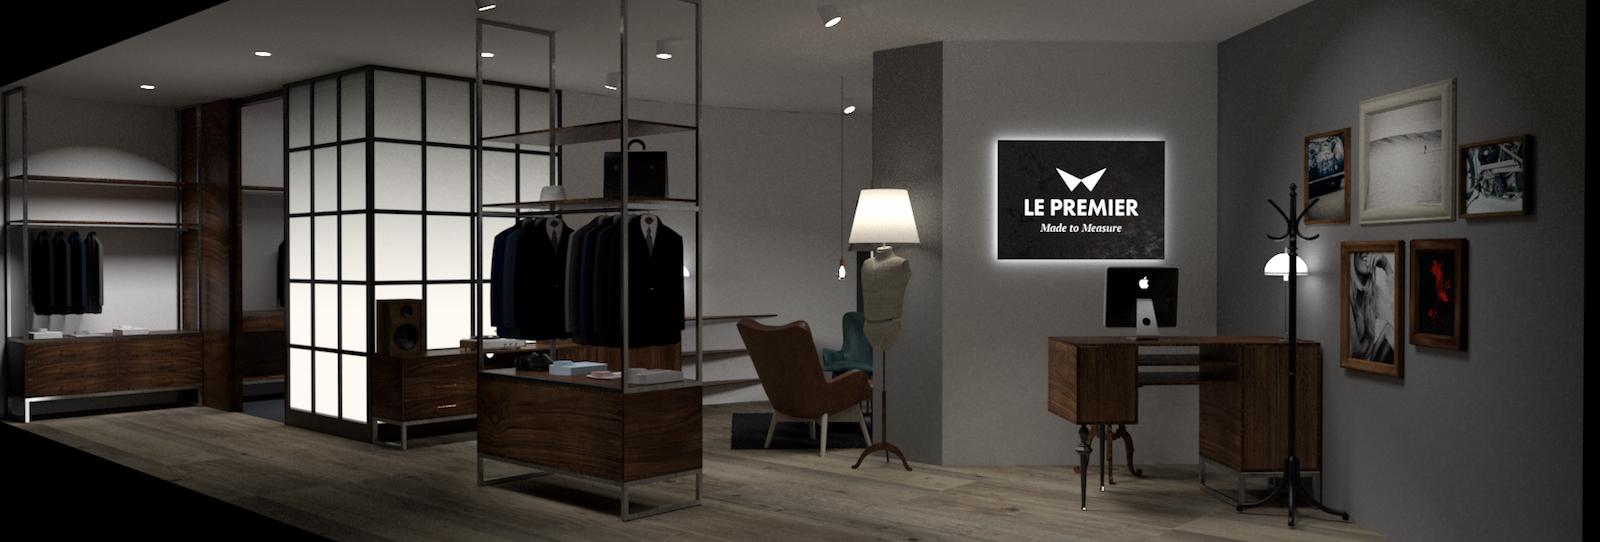 Nový design prodejen Le Premier